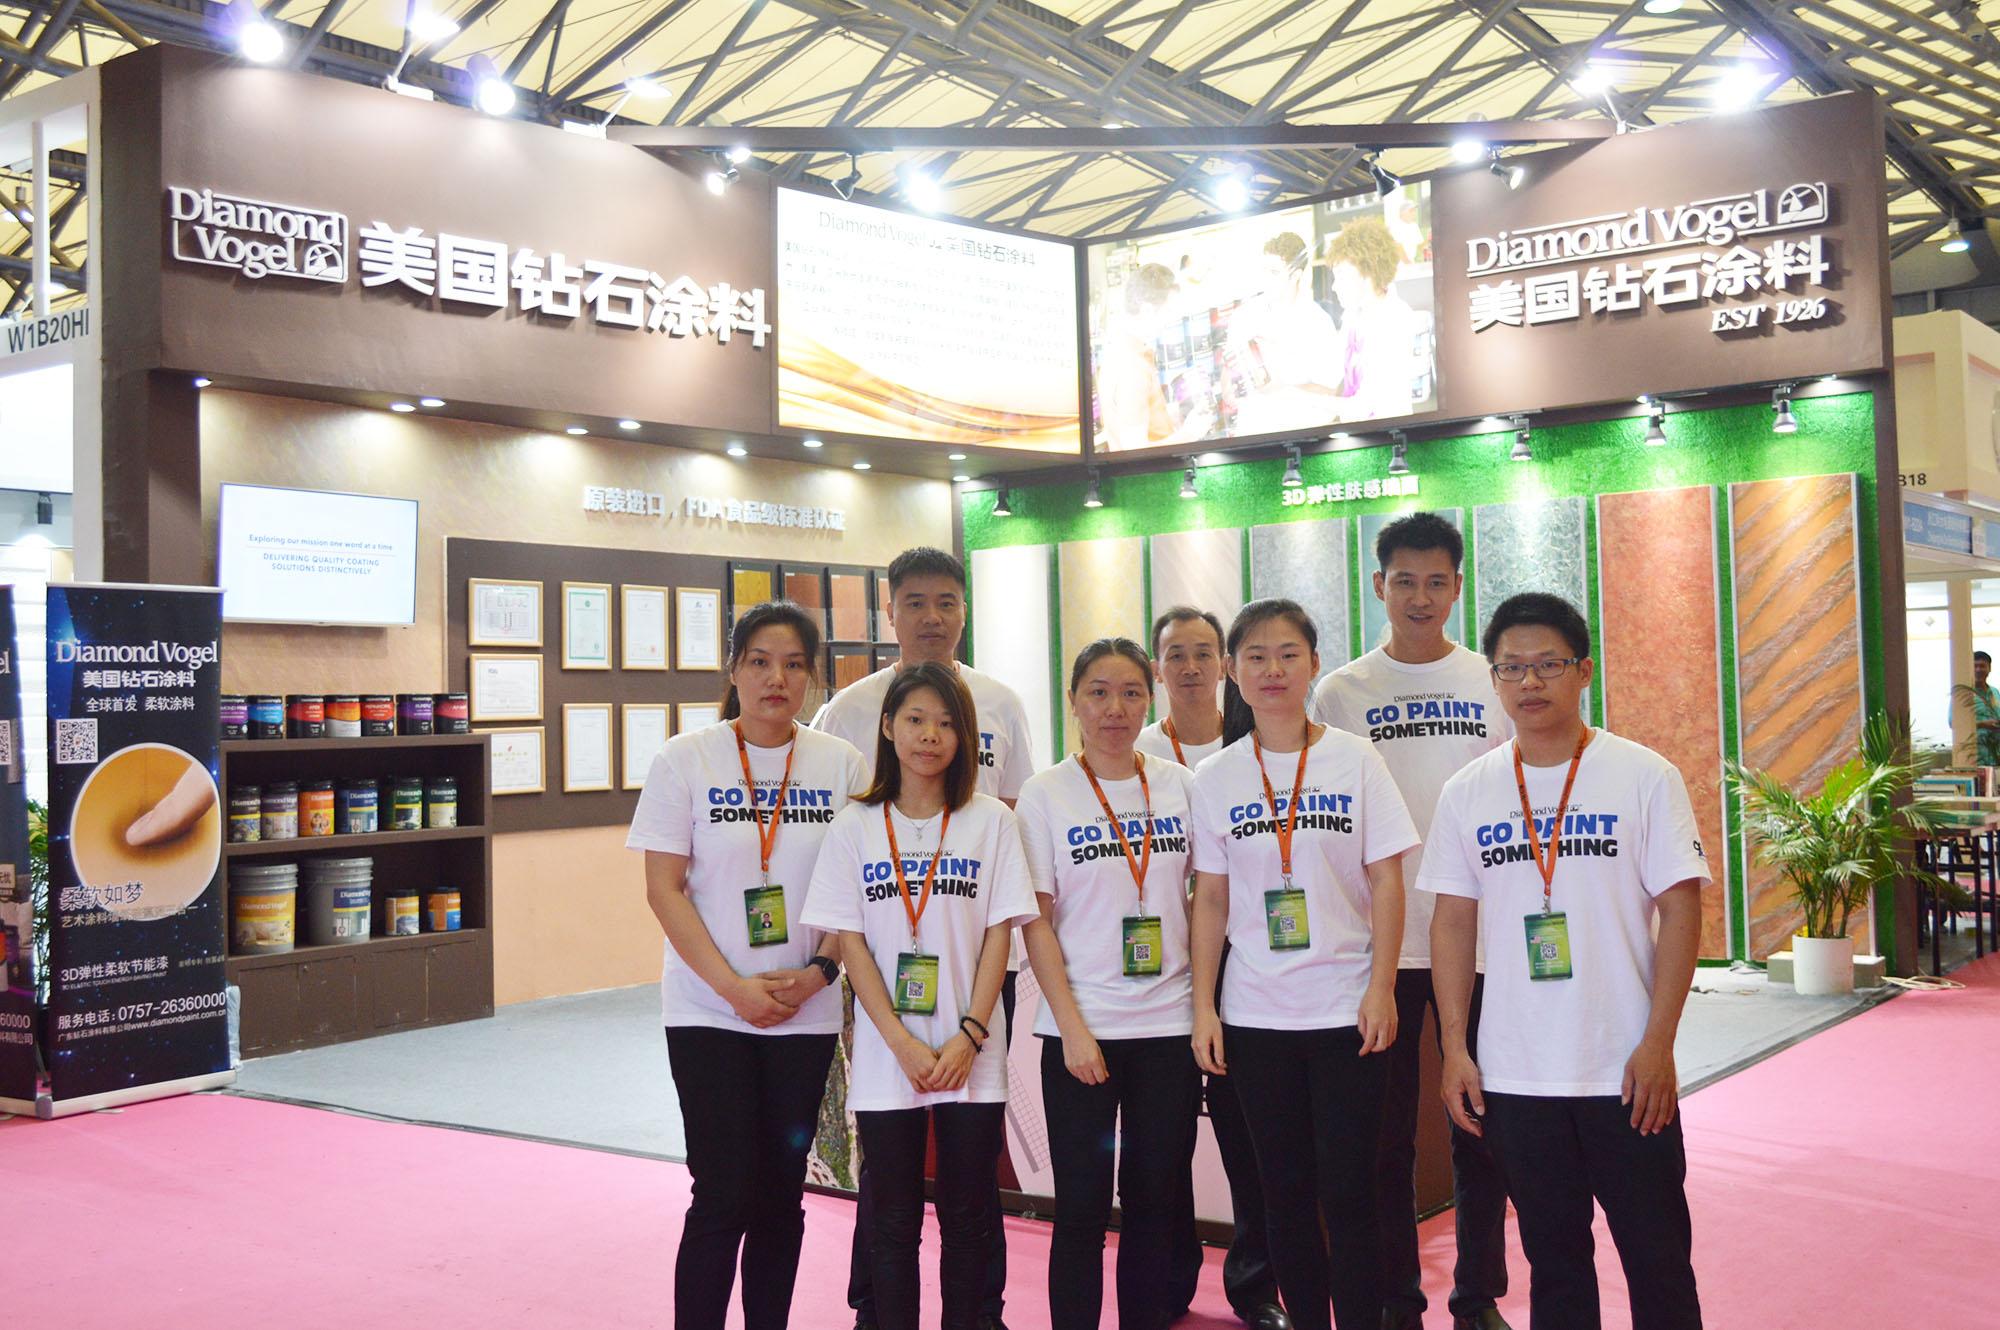 上海建博会艺术涂料受到客户热捧,现场签单加盟!